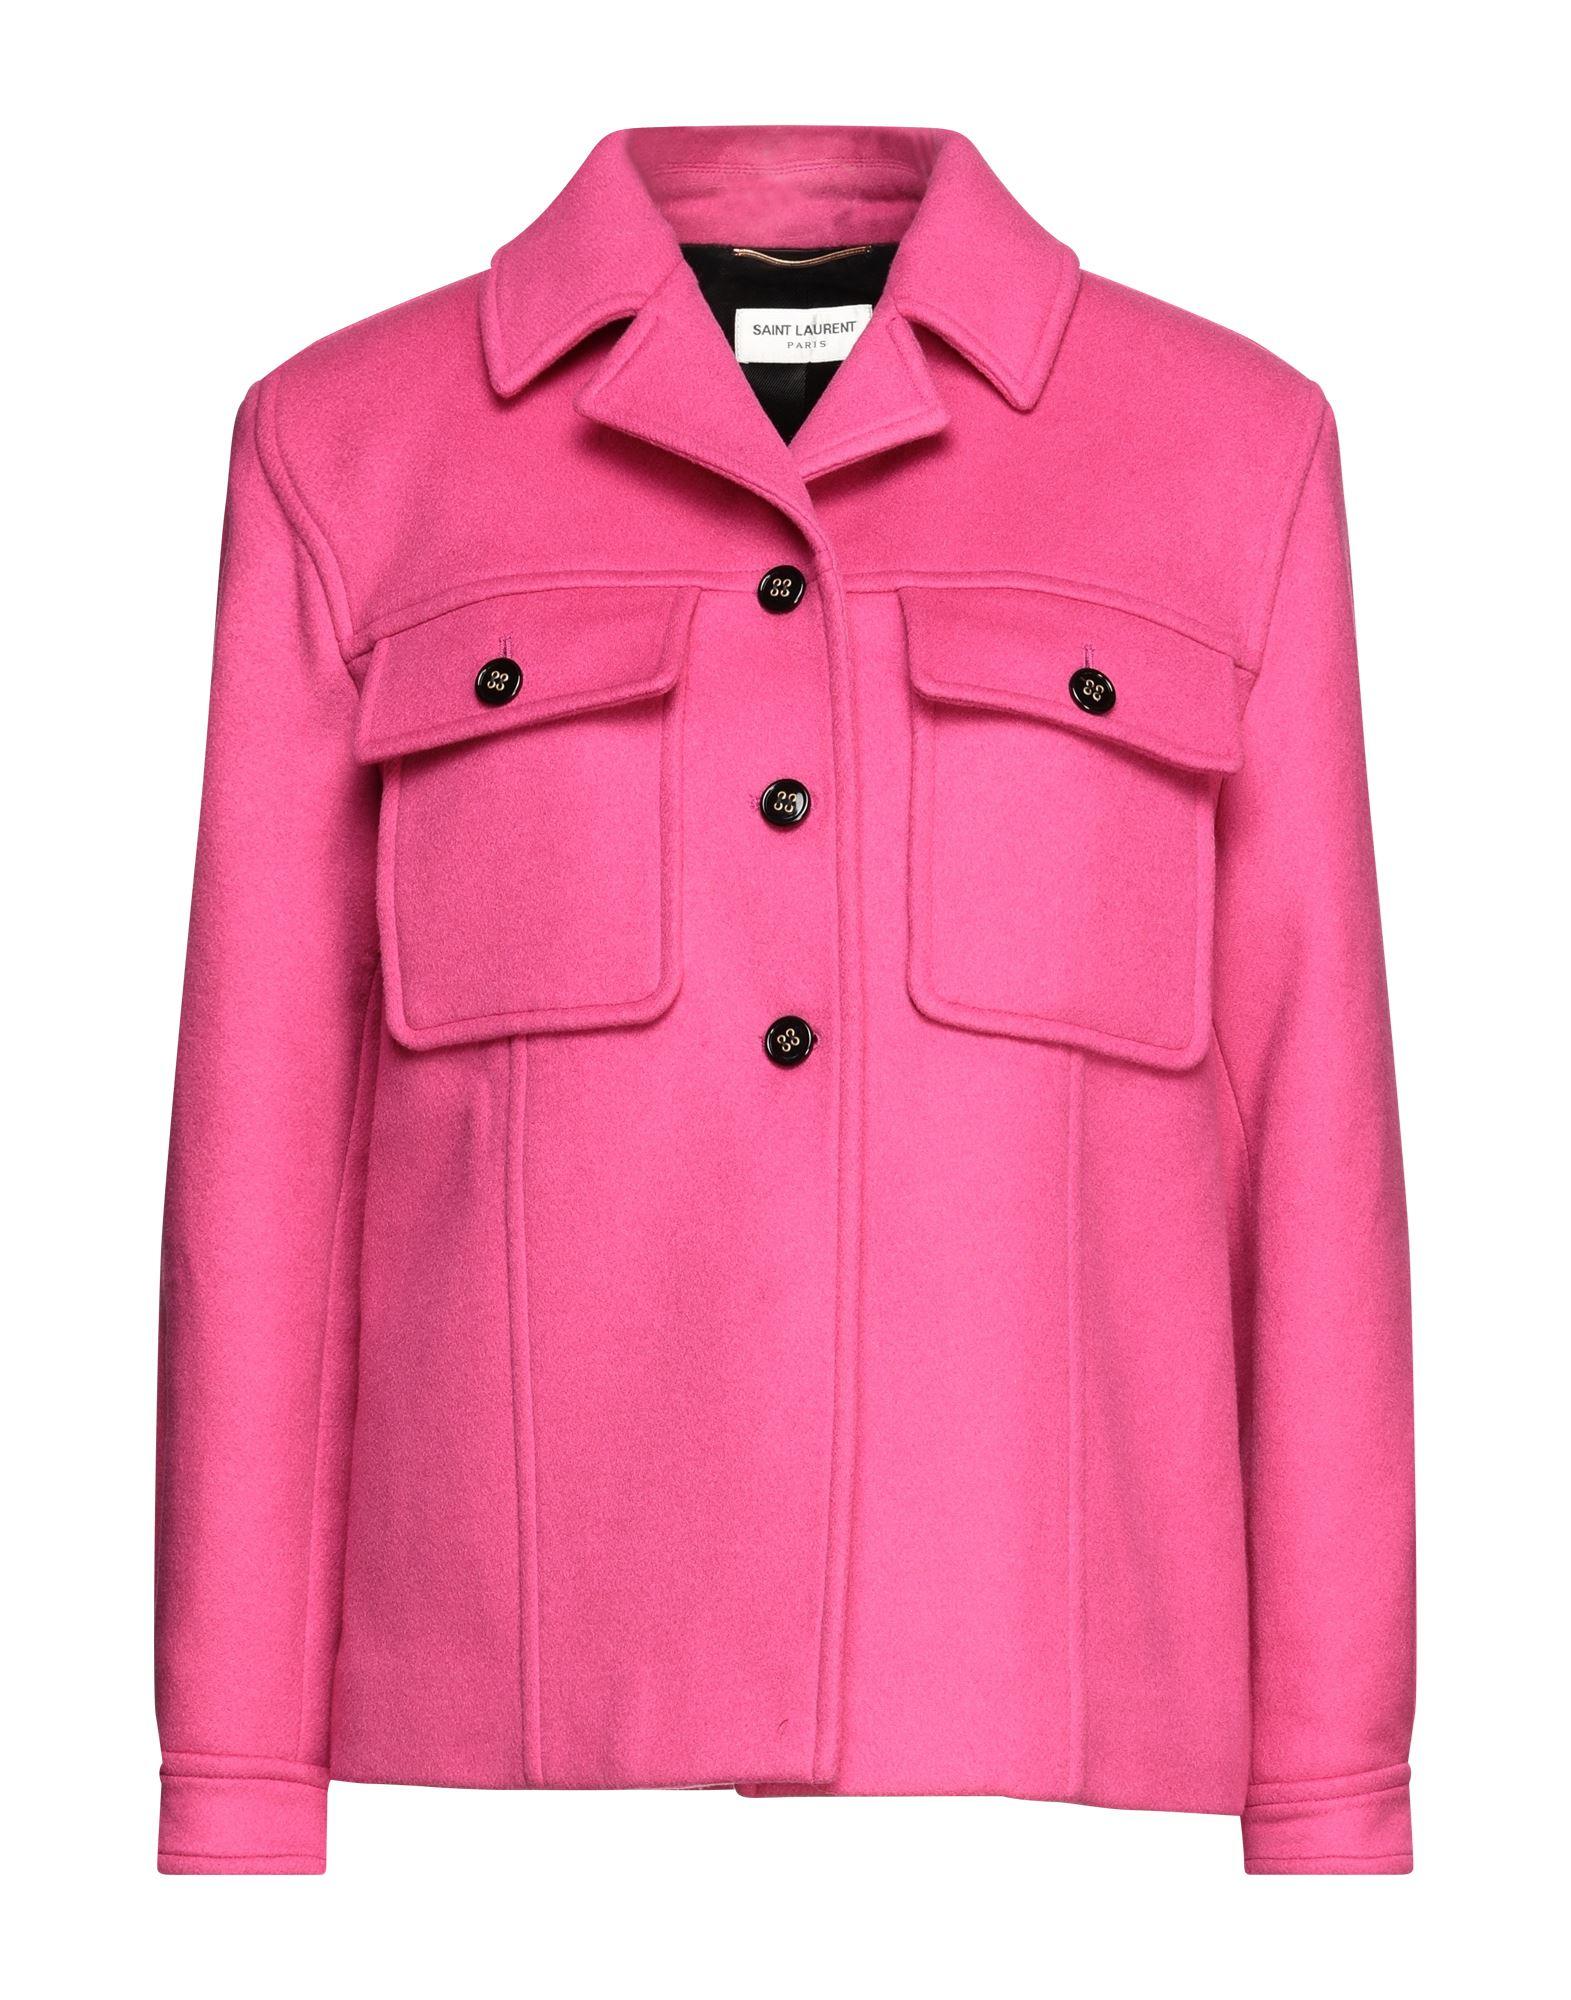 SAINT LAURENT Coats - Item 49642757